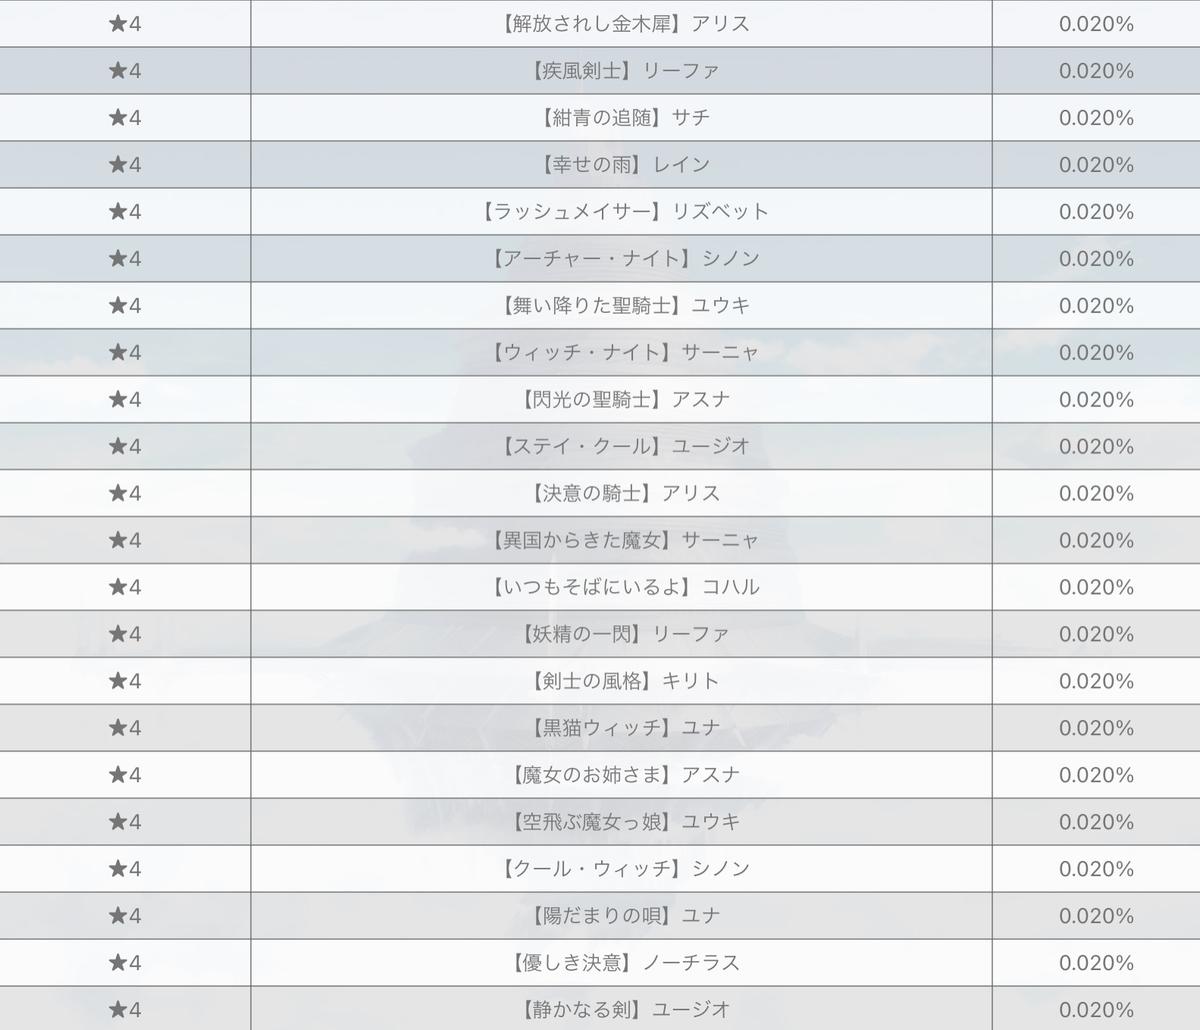 f:id:yukiyukiki3939:20201226152156j:plain